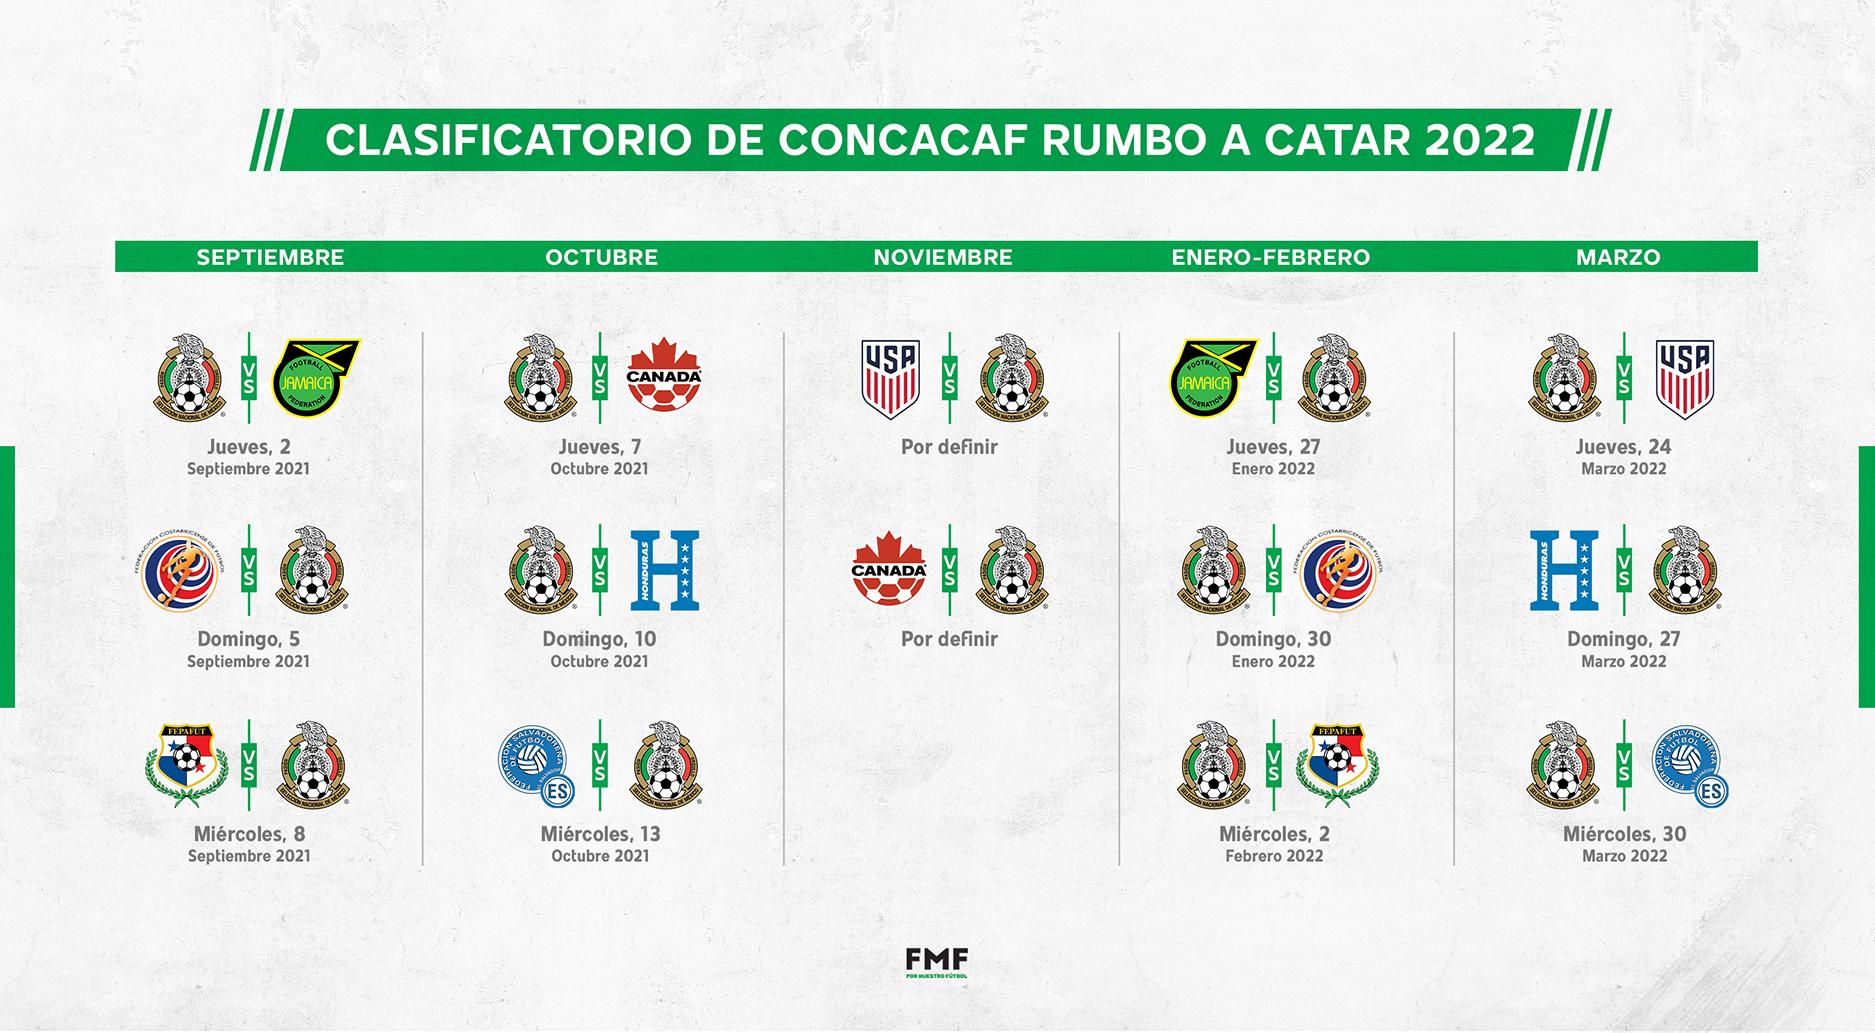 Calendario de los partidos de México rumbo a Catar 2022